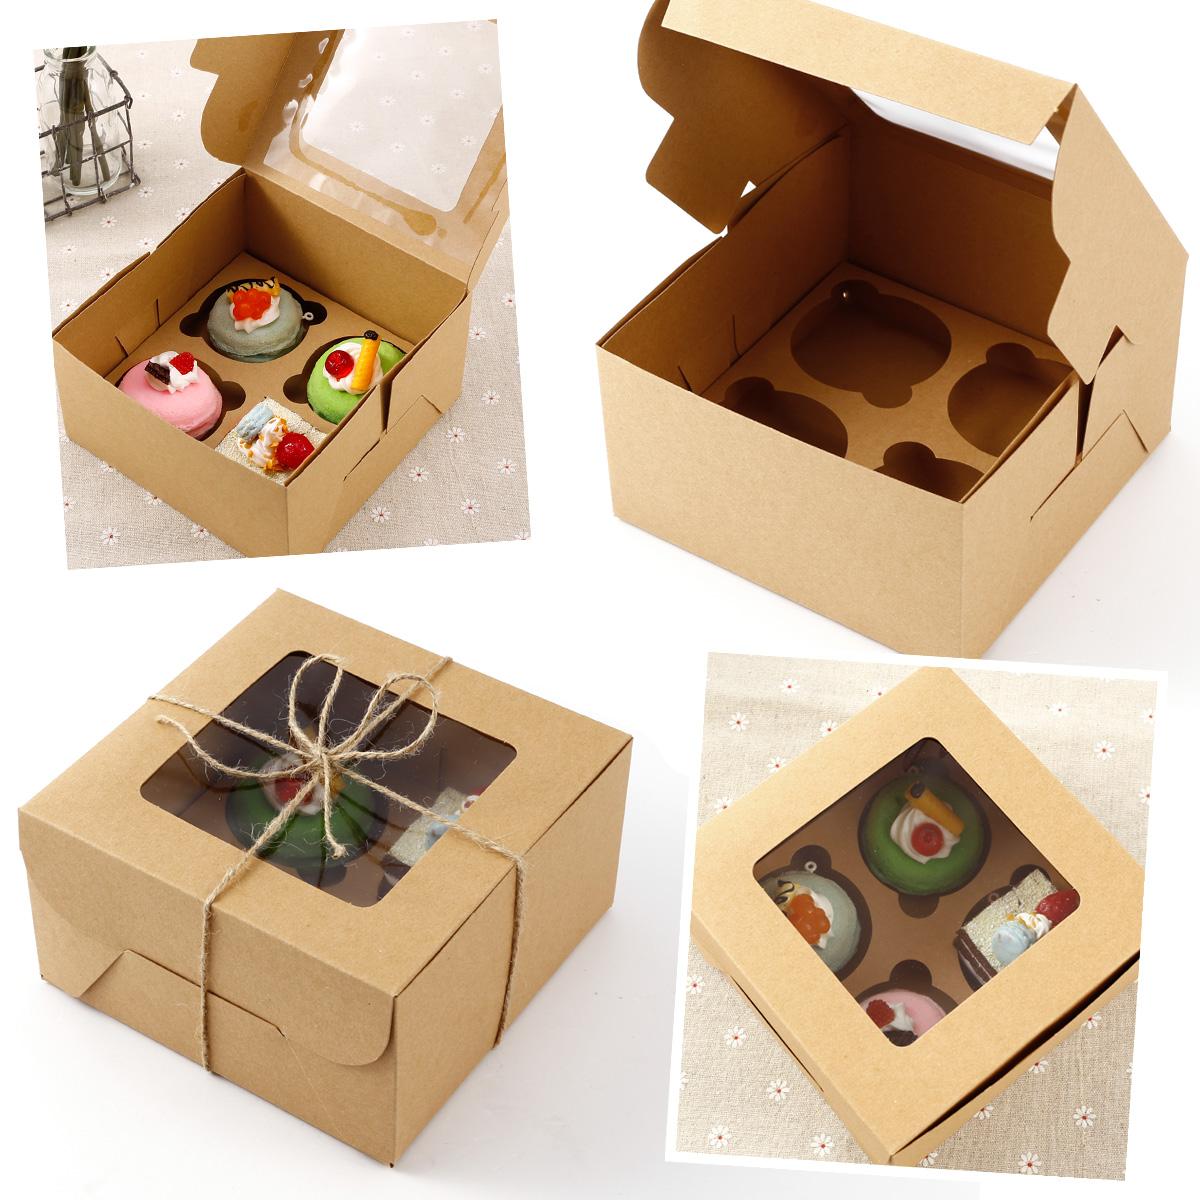 25er cupcake muffin kuchen box aufbewahrungsbox geschenkbox karton verpackung ebay. Black Bedroom Furniture Sets. Home Design Ideas